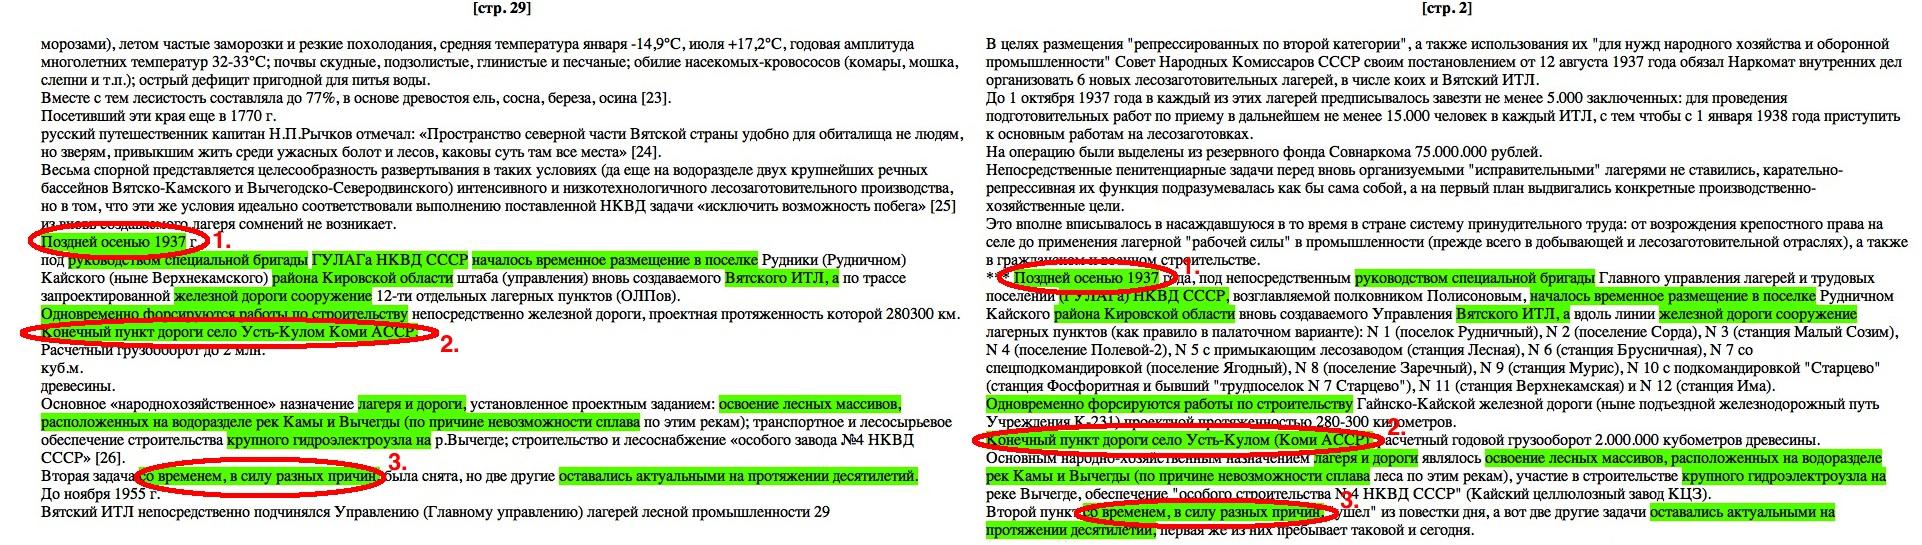 belyk-comp29-verem2